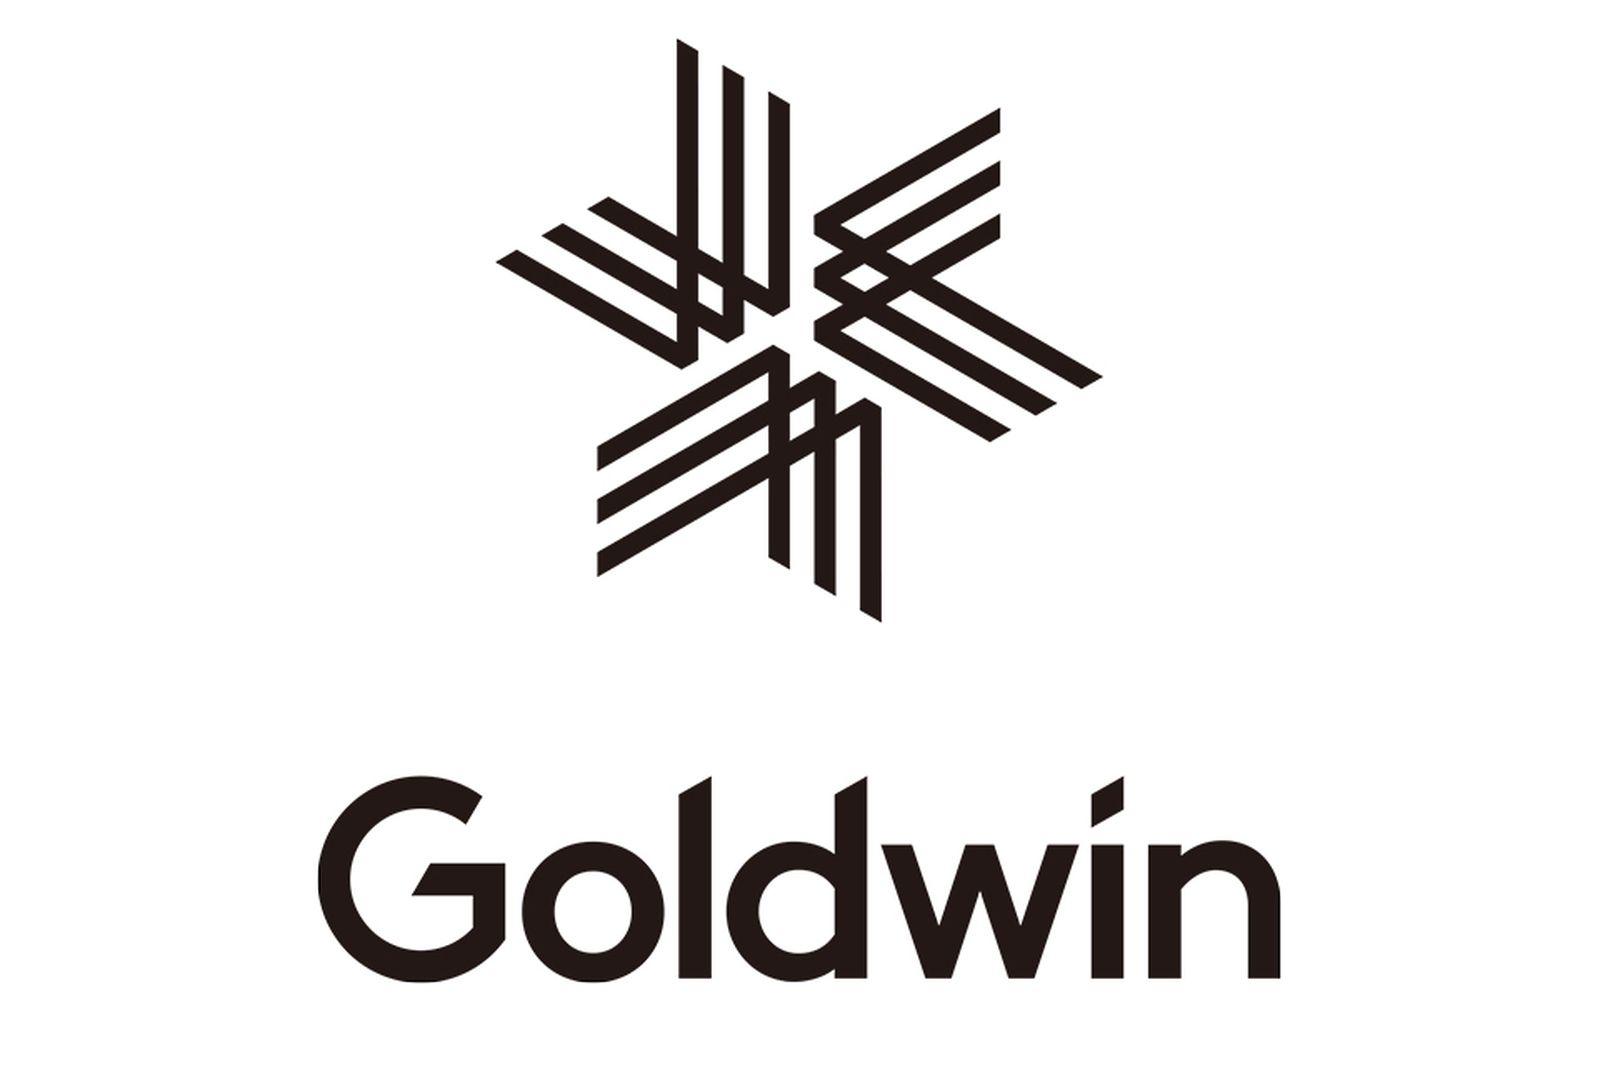 goldwin outerwear